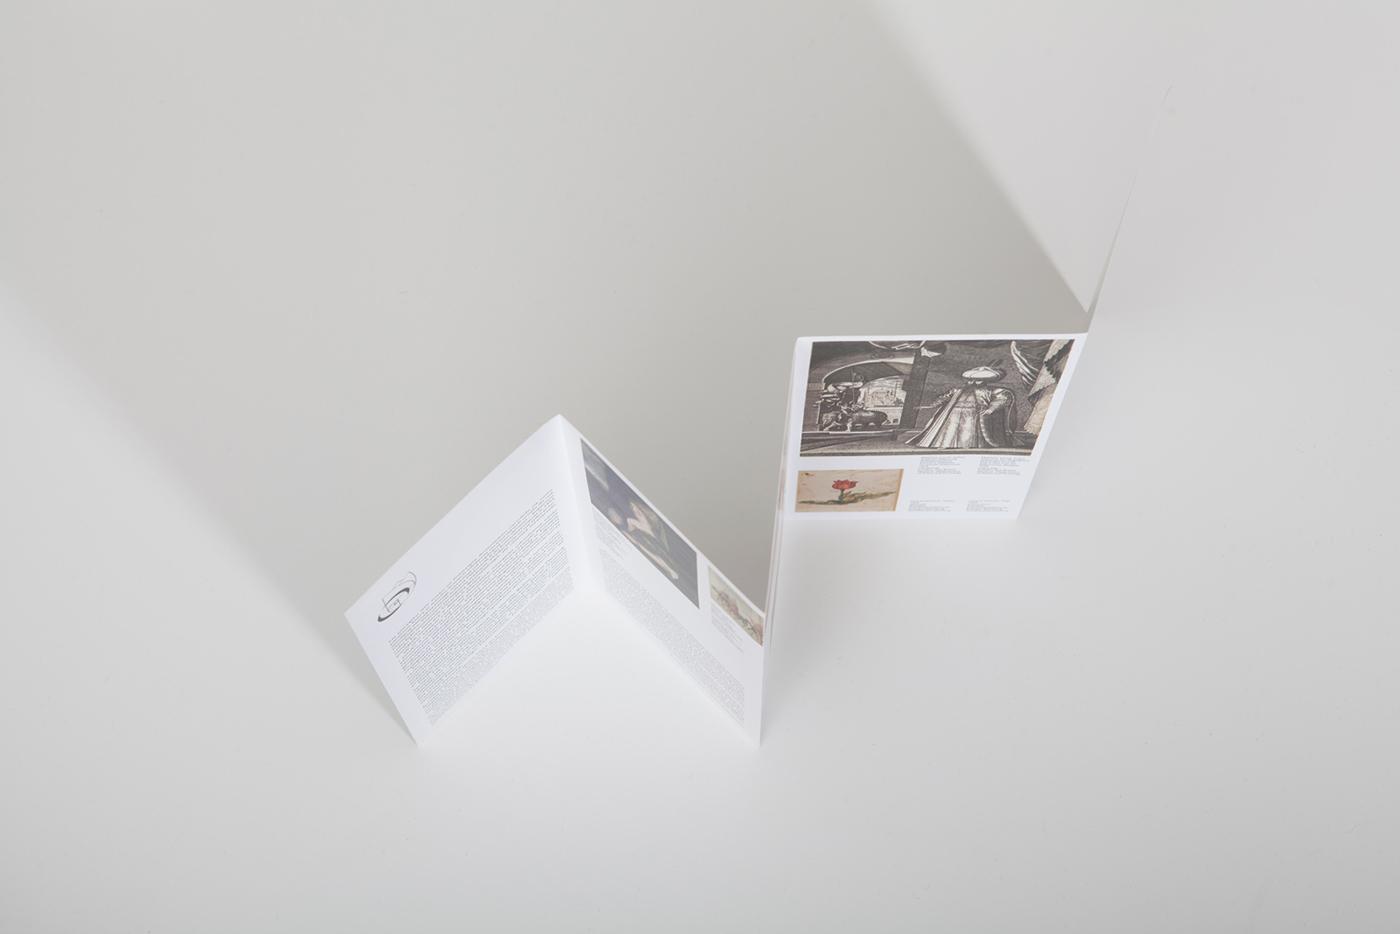 Exhibition  design museum visual identity